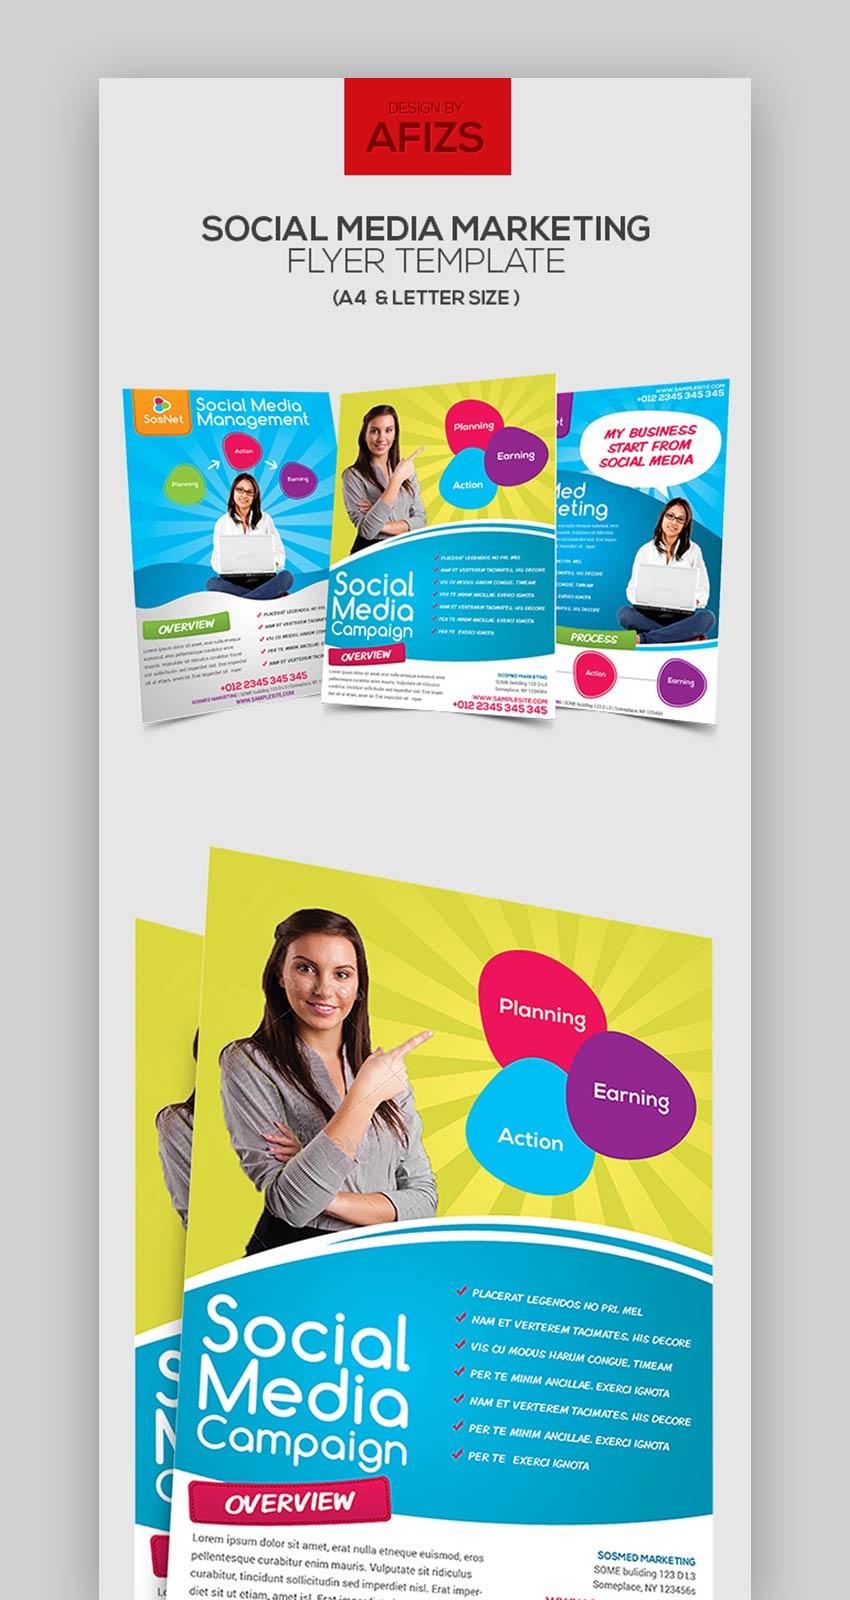 Social Media Marketing Flyer